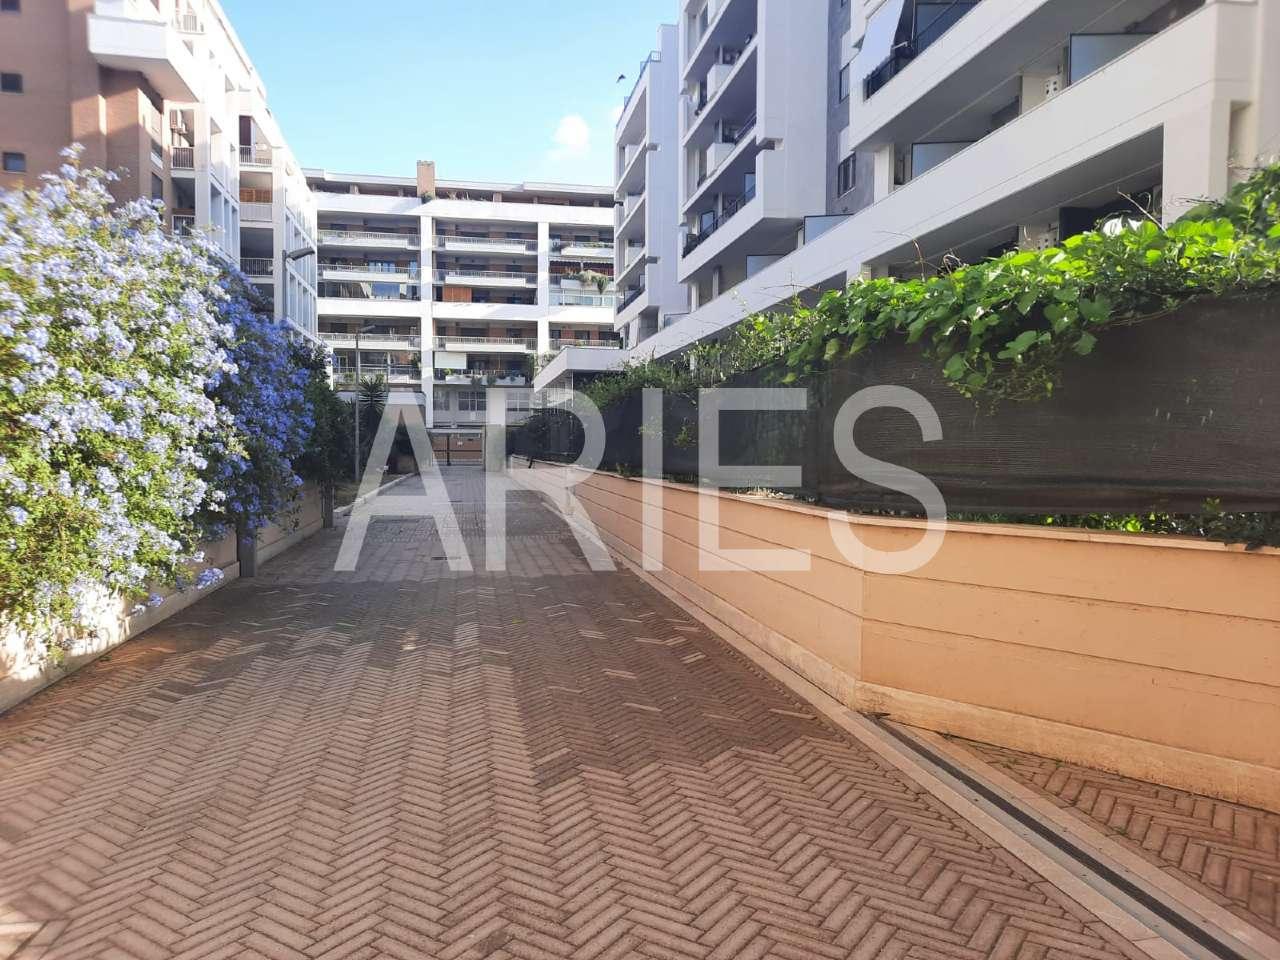 Appartamento in vendita a Fiumicino, 2 locali, prezzo € 170.000   PortaleAgenzieImmobiliari.it